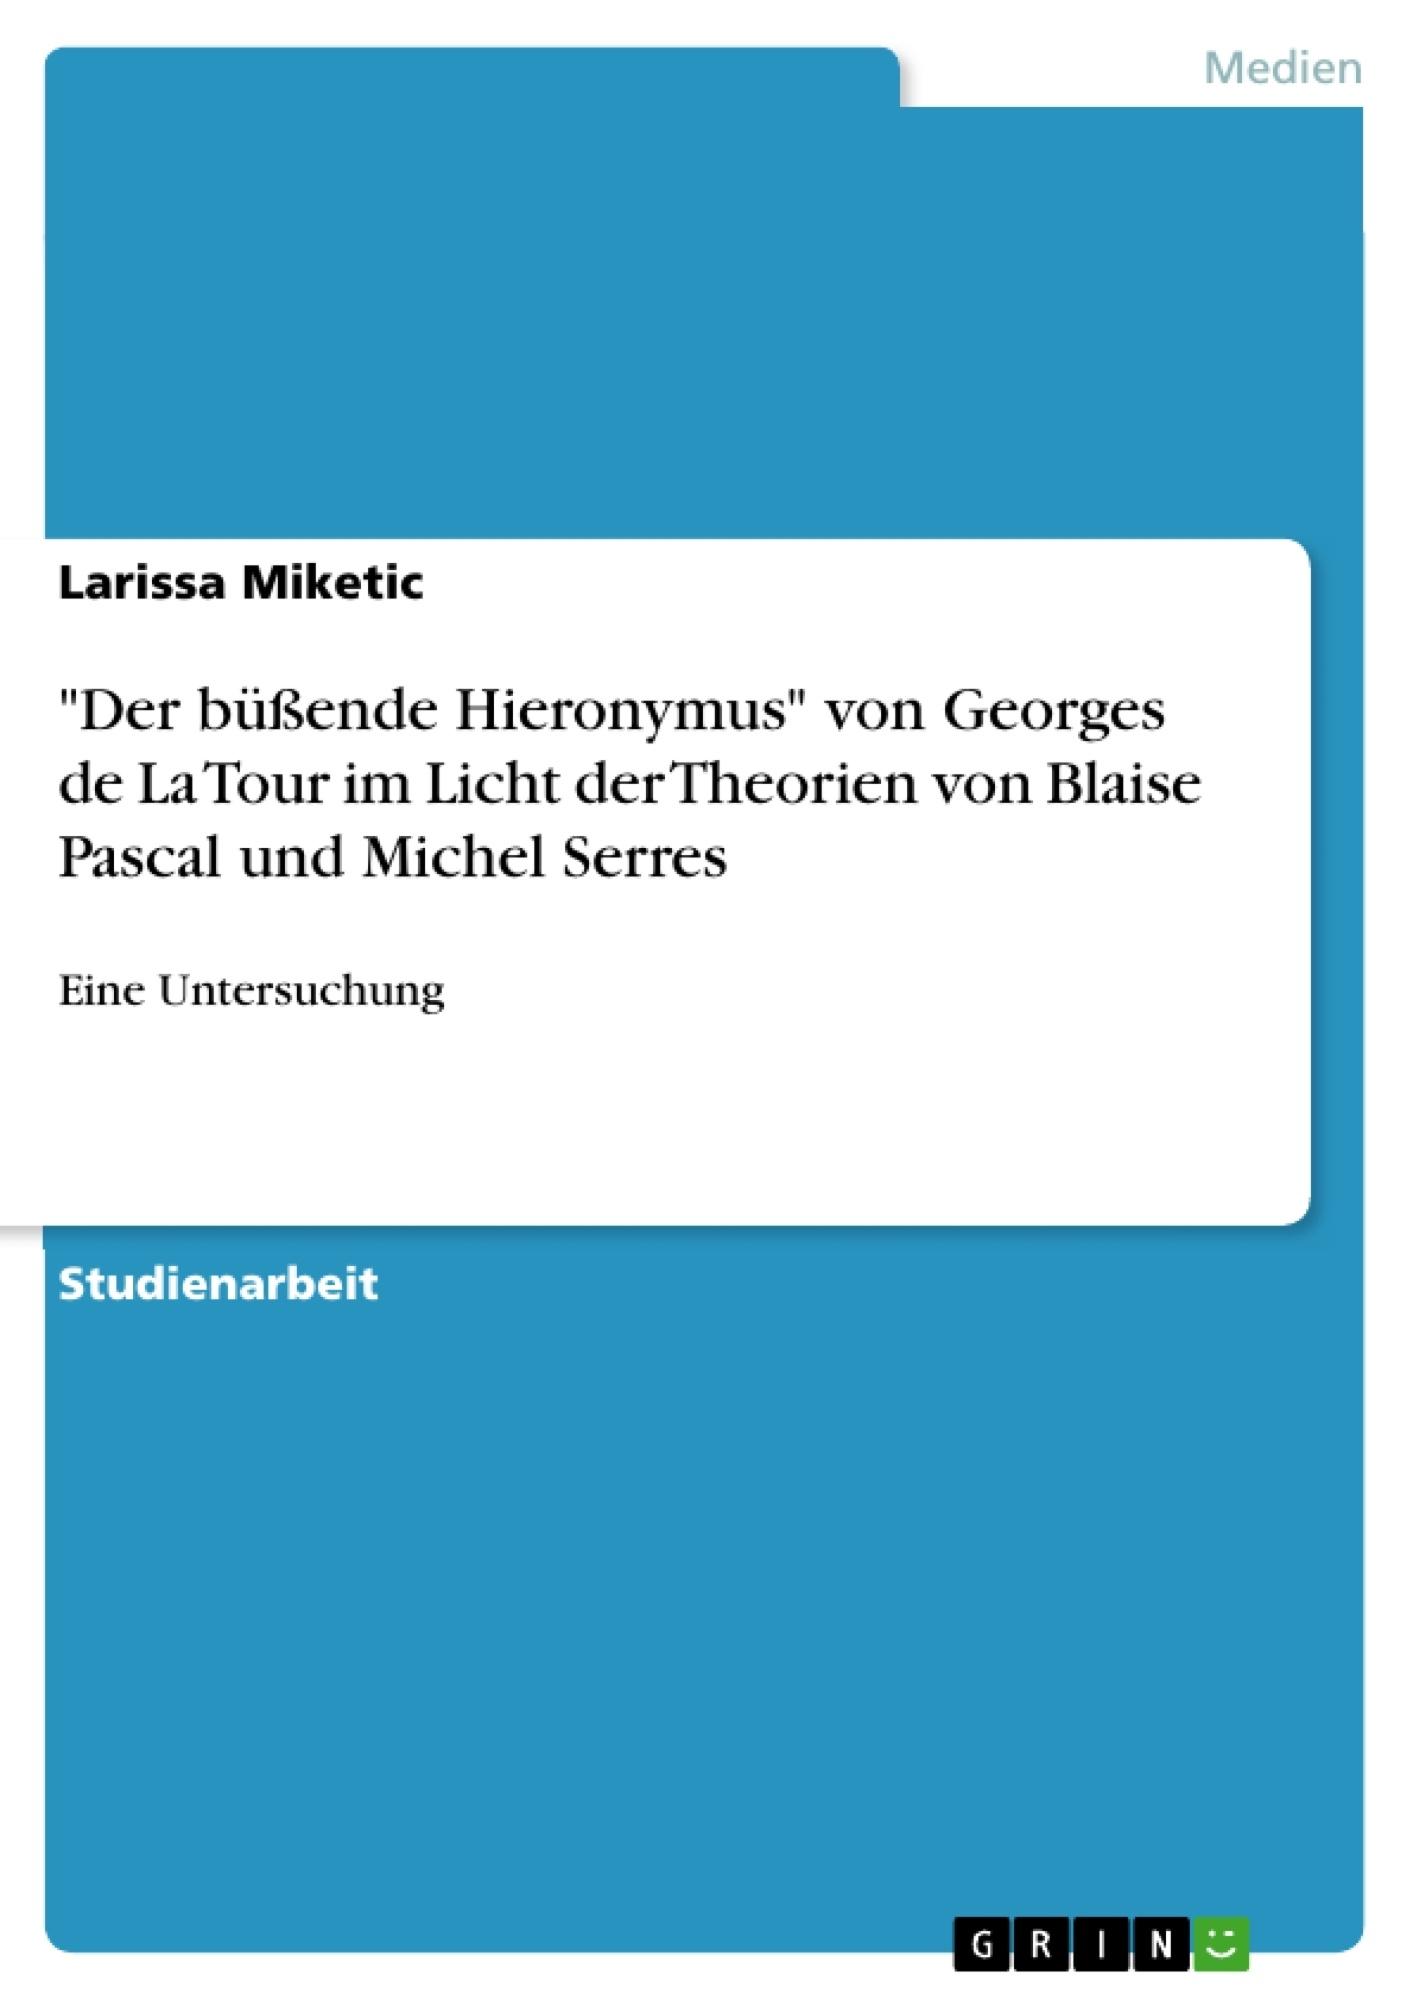 """Titel: """"Der büßende Hieronymus"""" von Georges de La Tour im Licht der Theorien von Blaise Pascal und Michel Serres"""